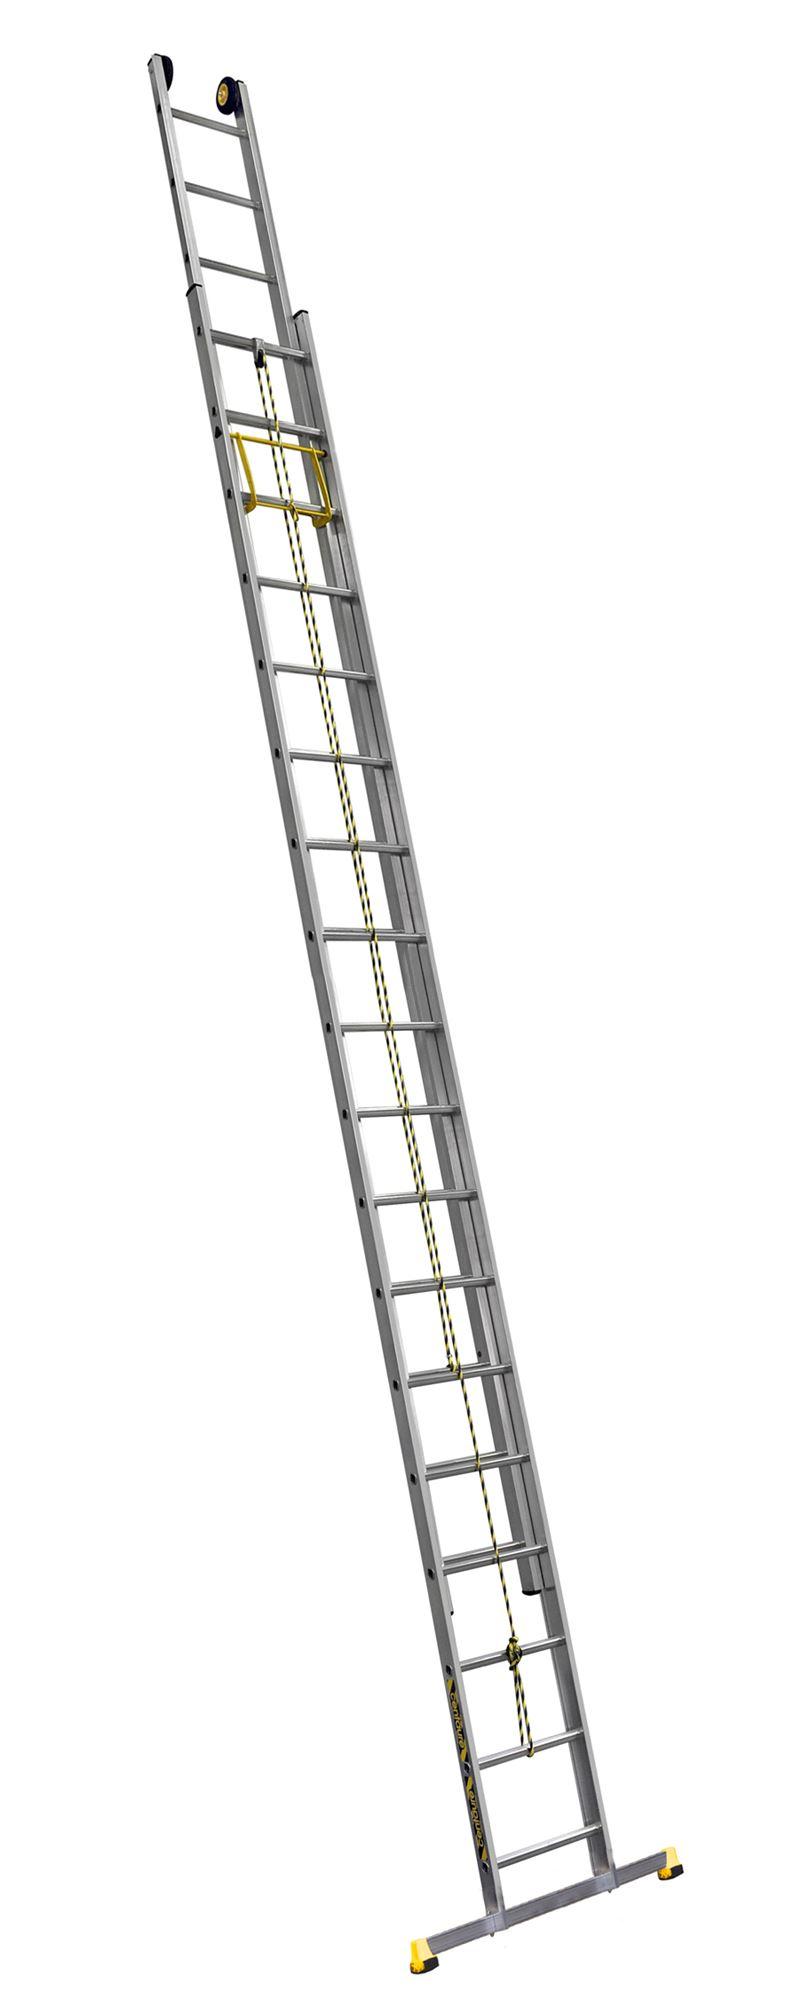 echelle coulissante centaure 2 plans corde 9 10m telescopique. Black Bedroom Furniture Sets. Home Design Ideas